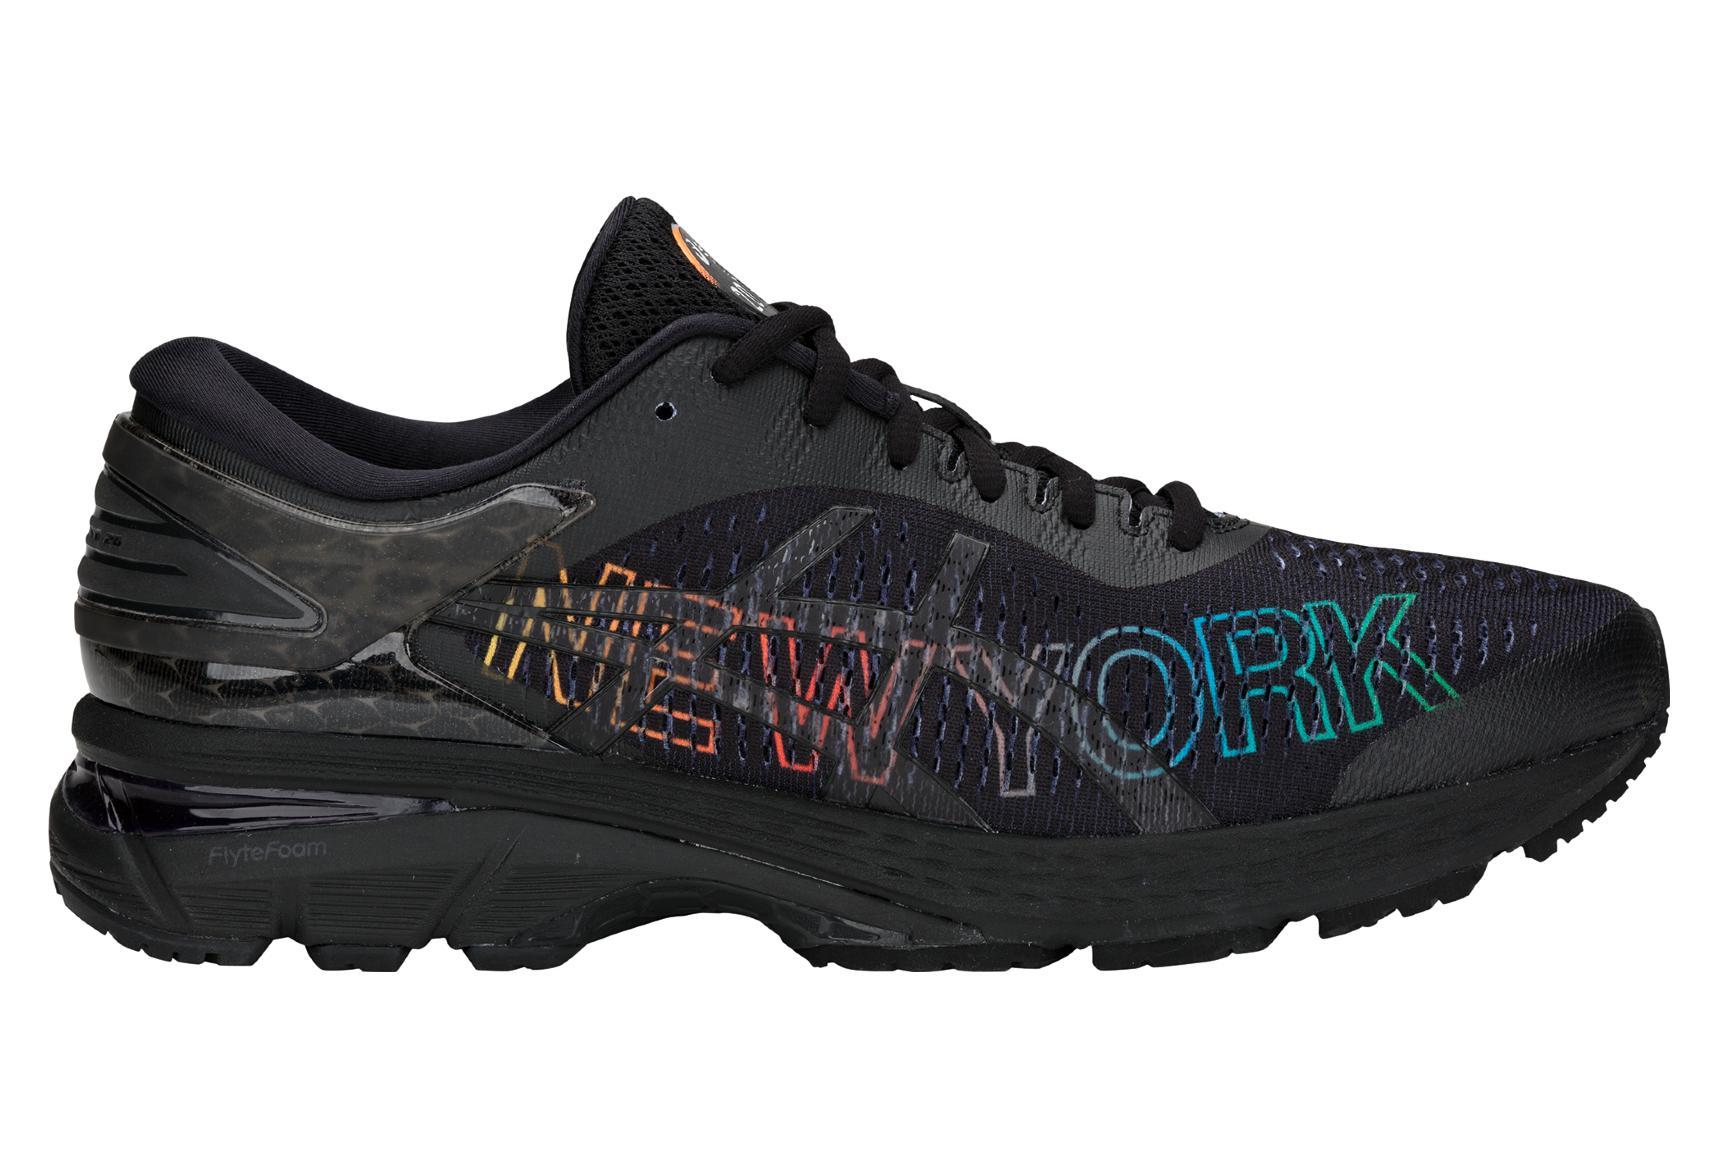 zapatillas asics gel kayano 25 hombre running